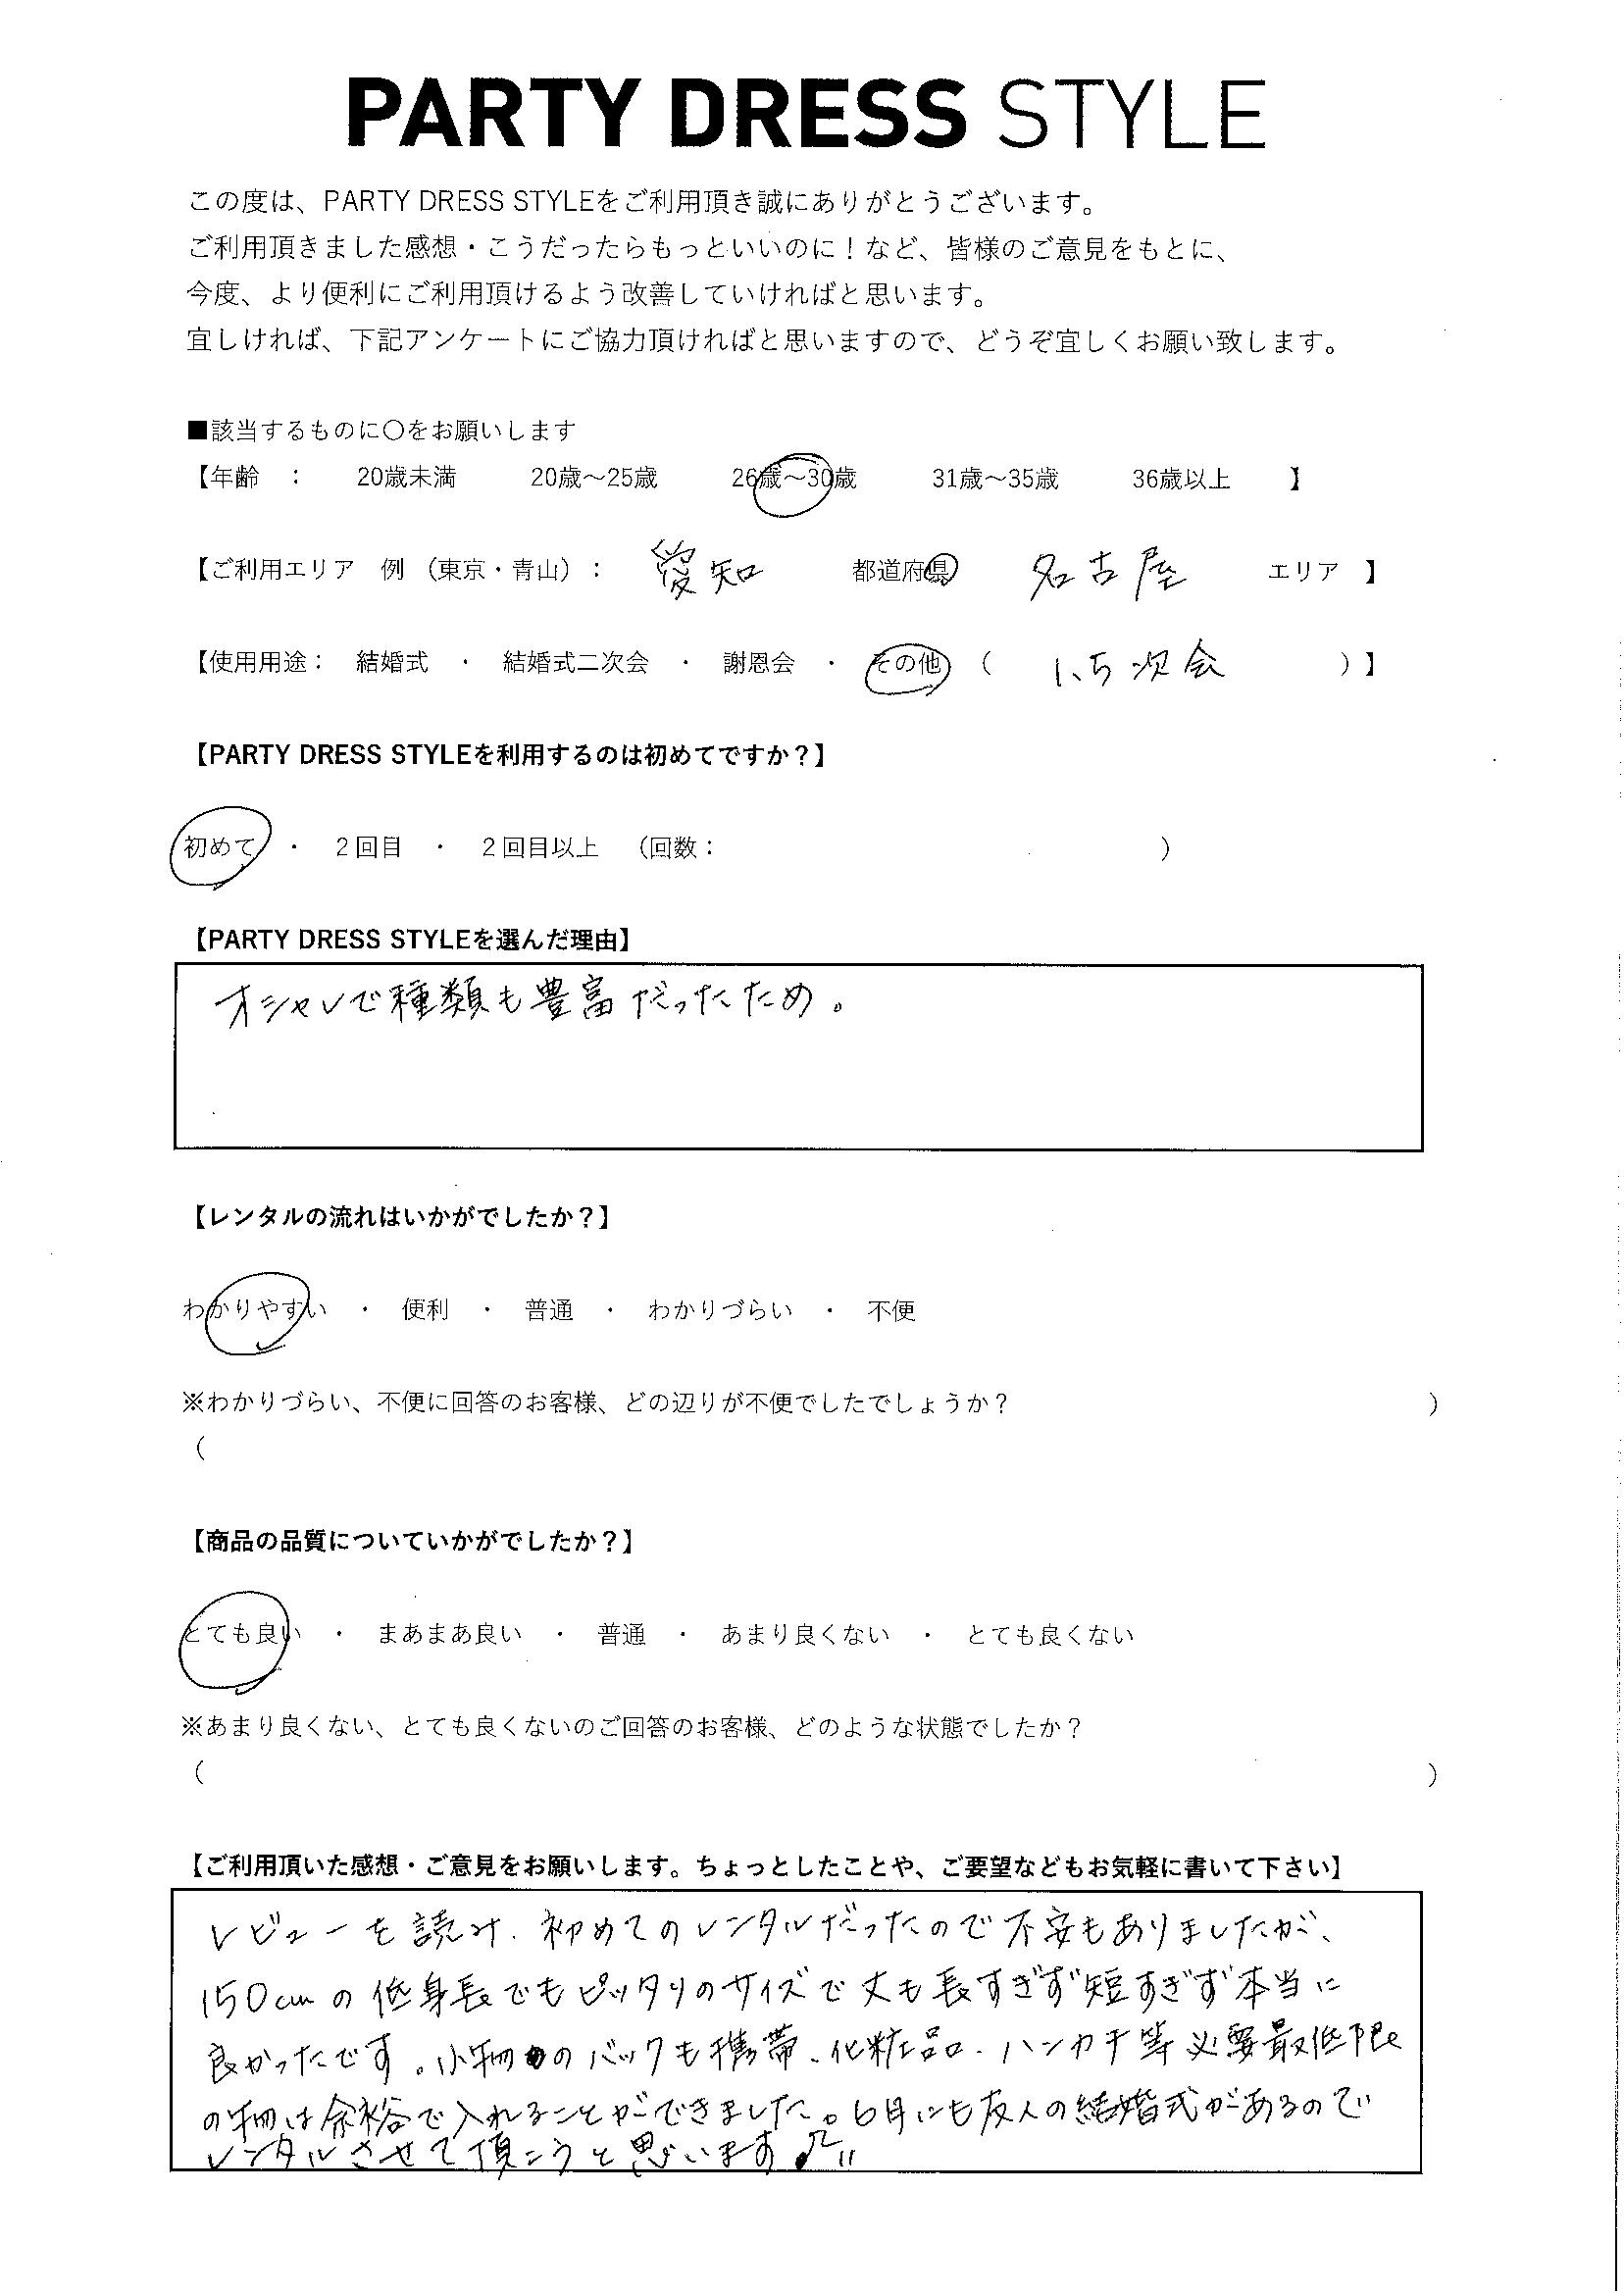 2/15 1.5次会ご利用 愛知・名古屋エリア